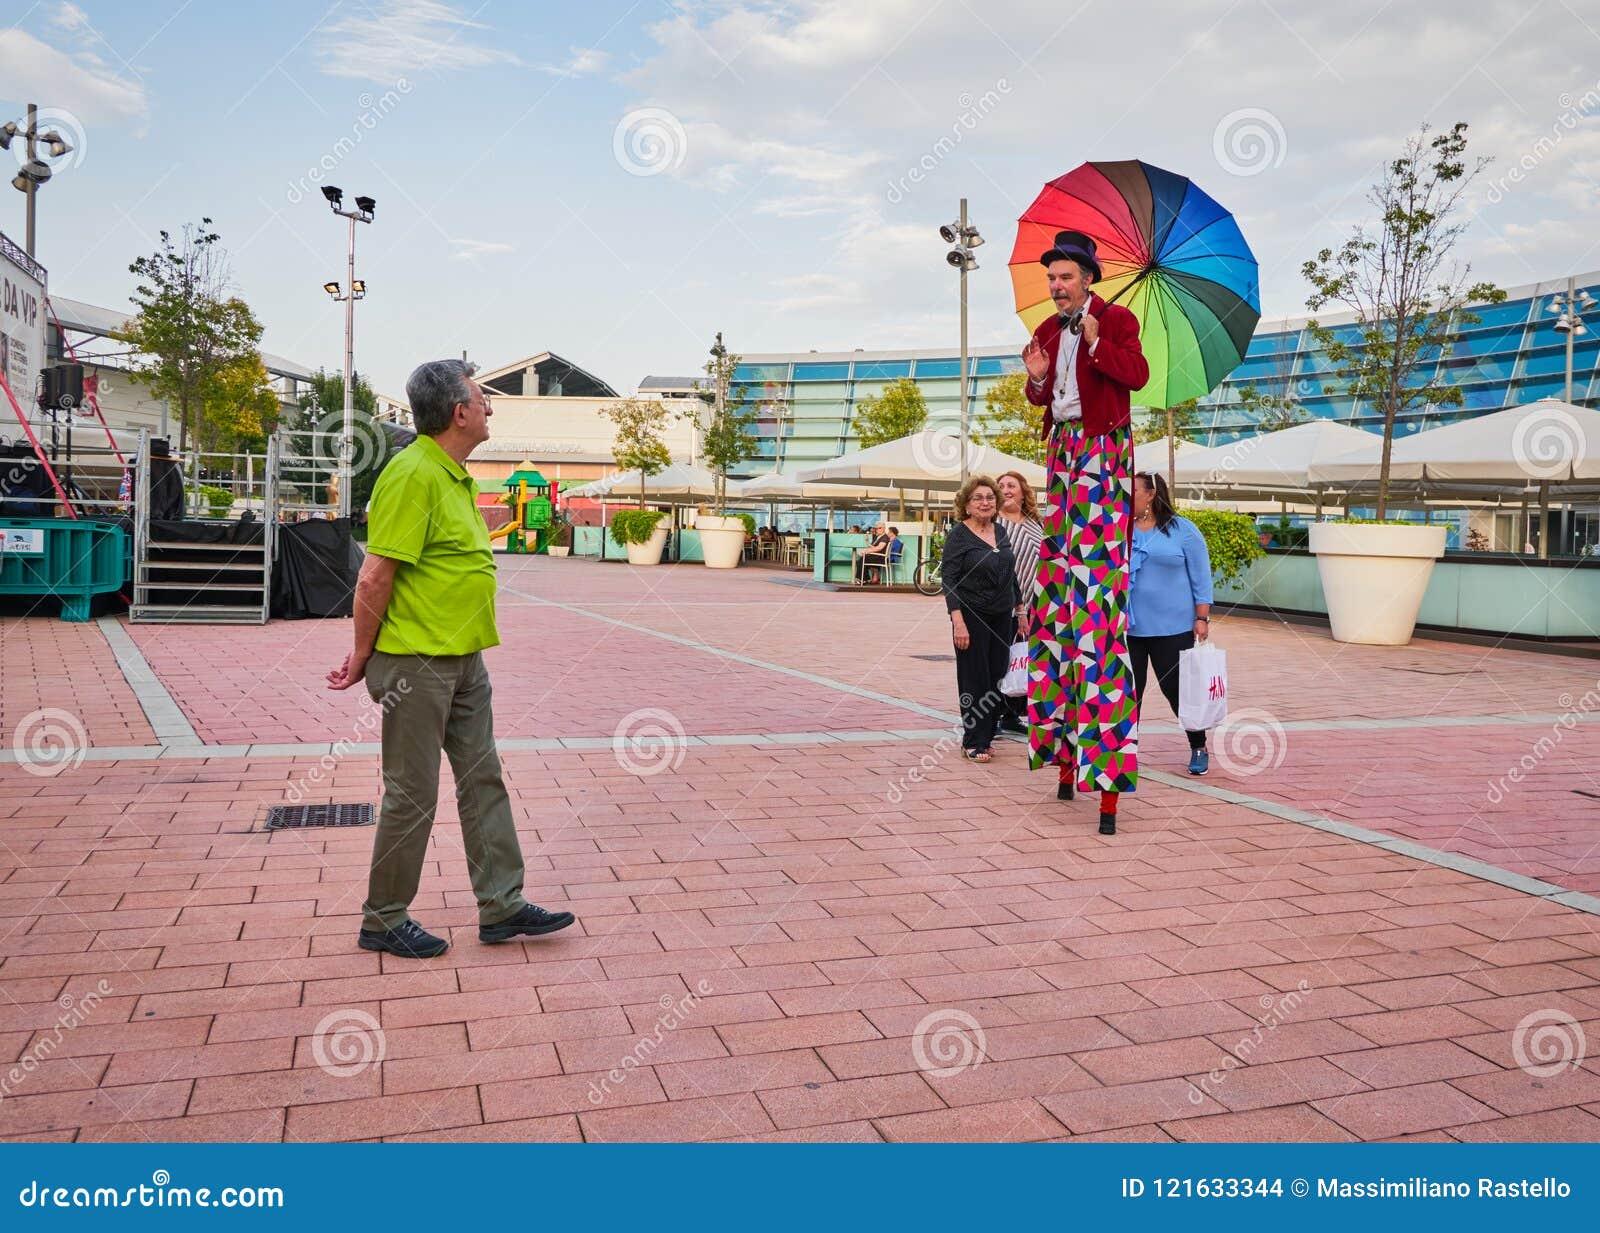 Circus artist on stilts